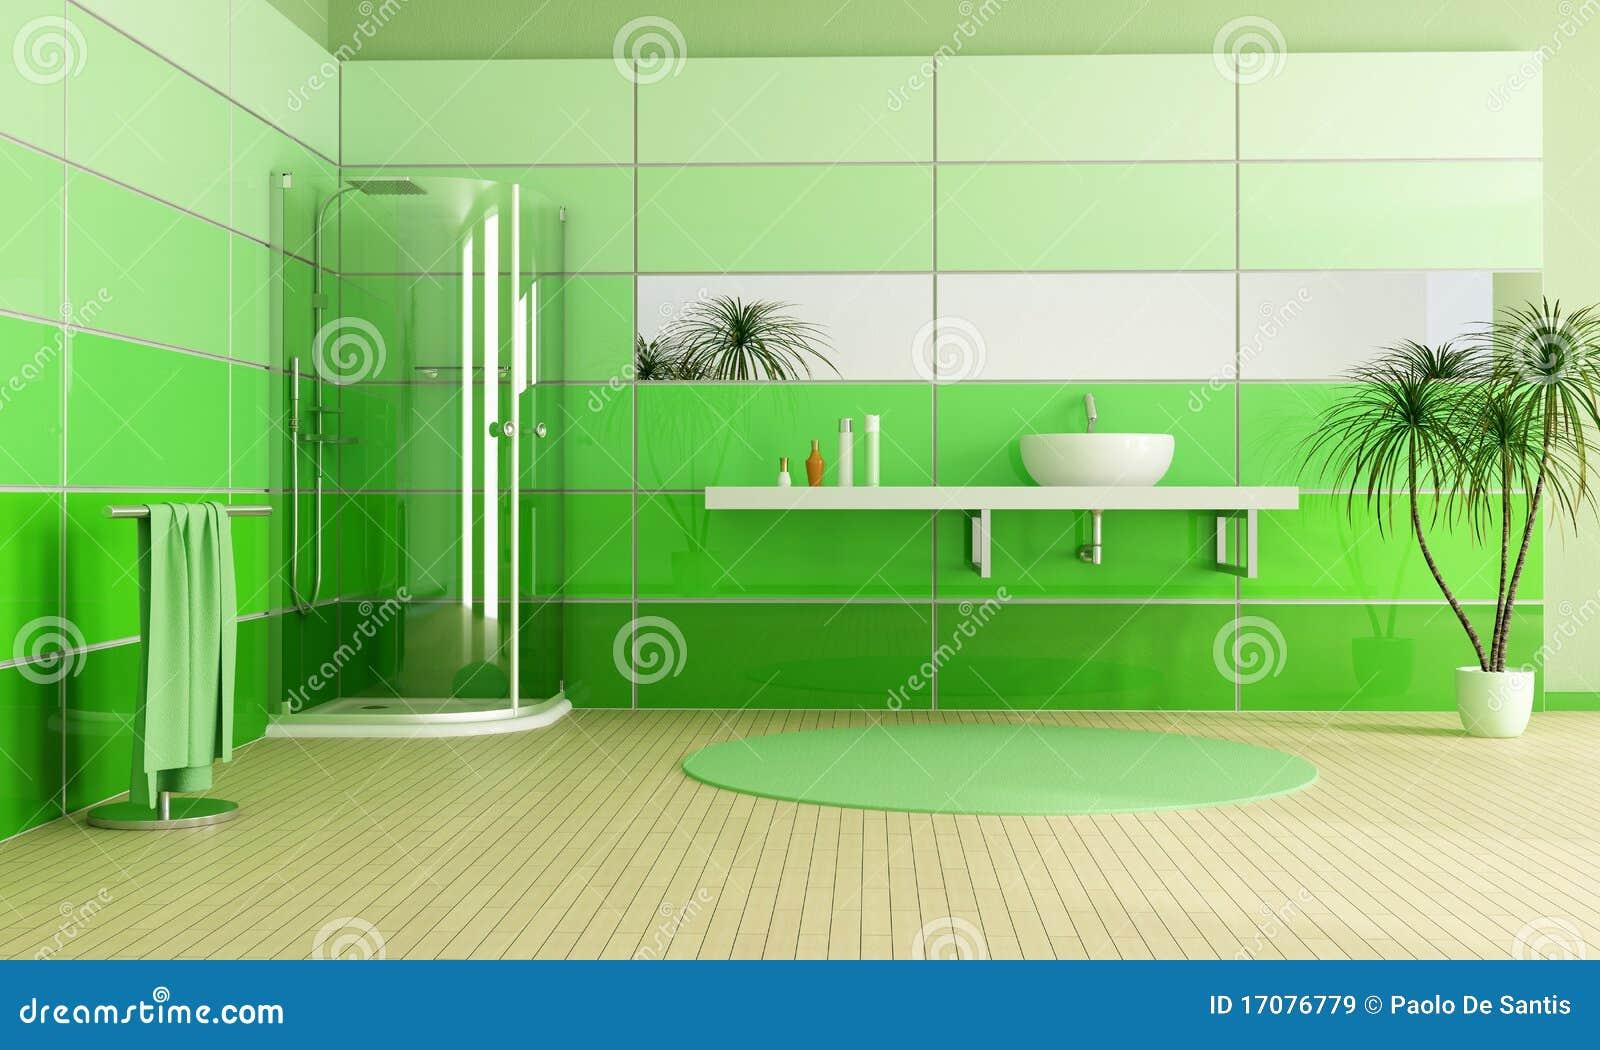 Imagens de #174B08 Banheiro Verde Moderno Imagens de Stock Royalty Free Imagem  1300x870 px 3596 Banheiros Verdes Fotos